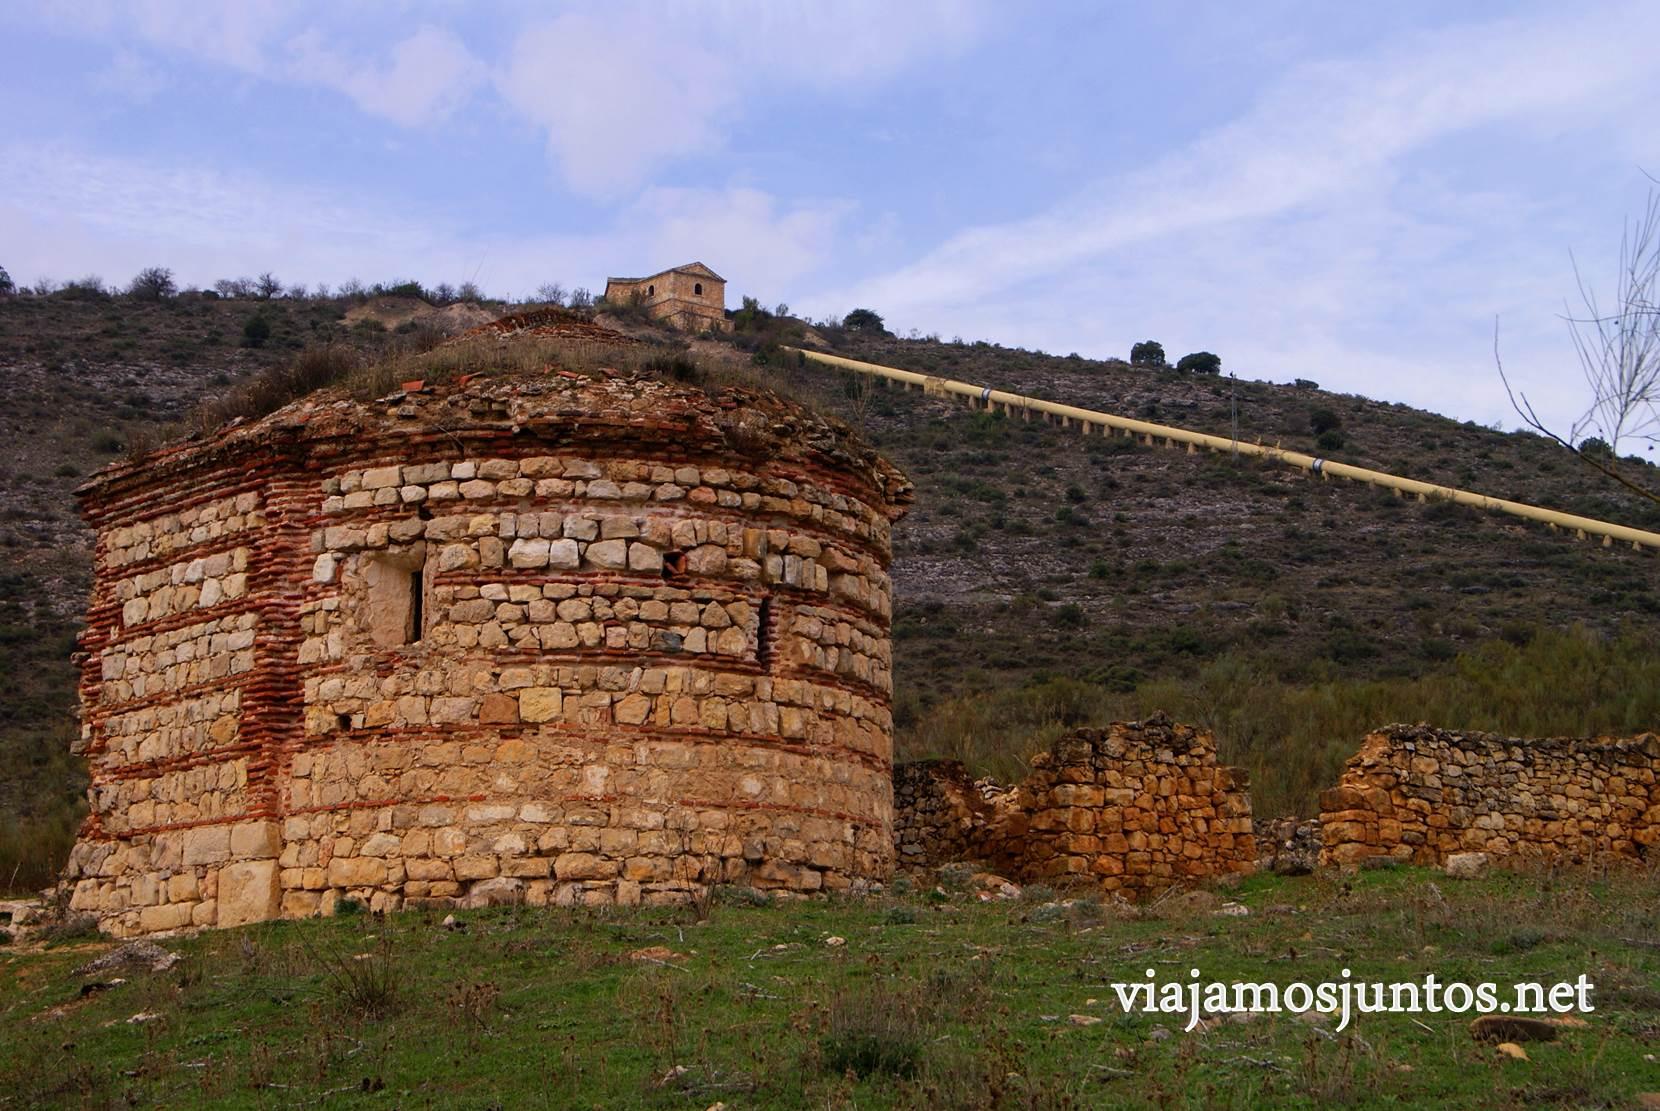 Ruta a las Cárcavas, Patones, Madrid; senderismo por sitios singulares de la Comunidad de Madrid; la ermita